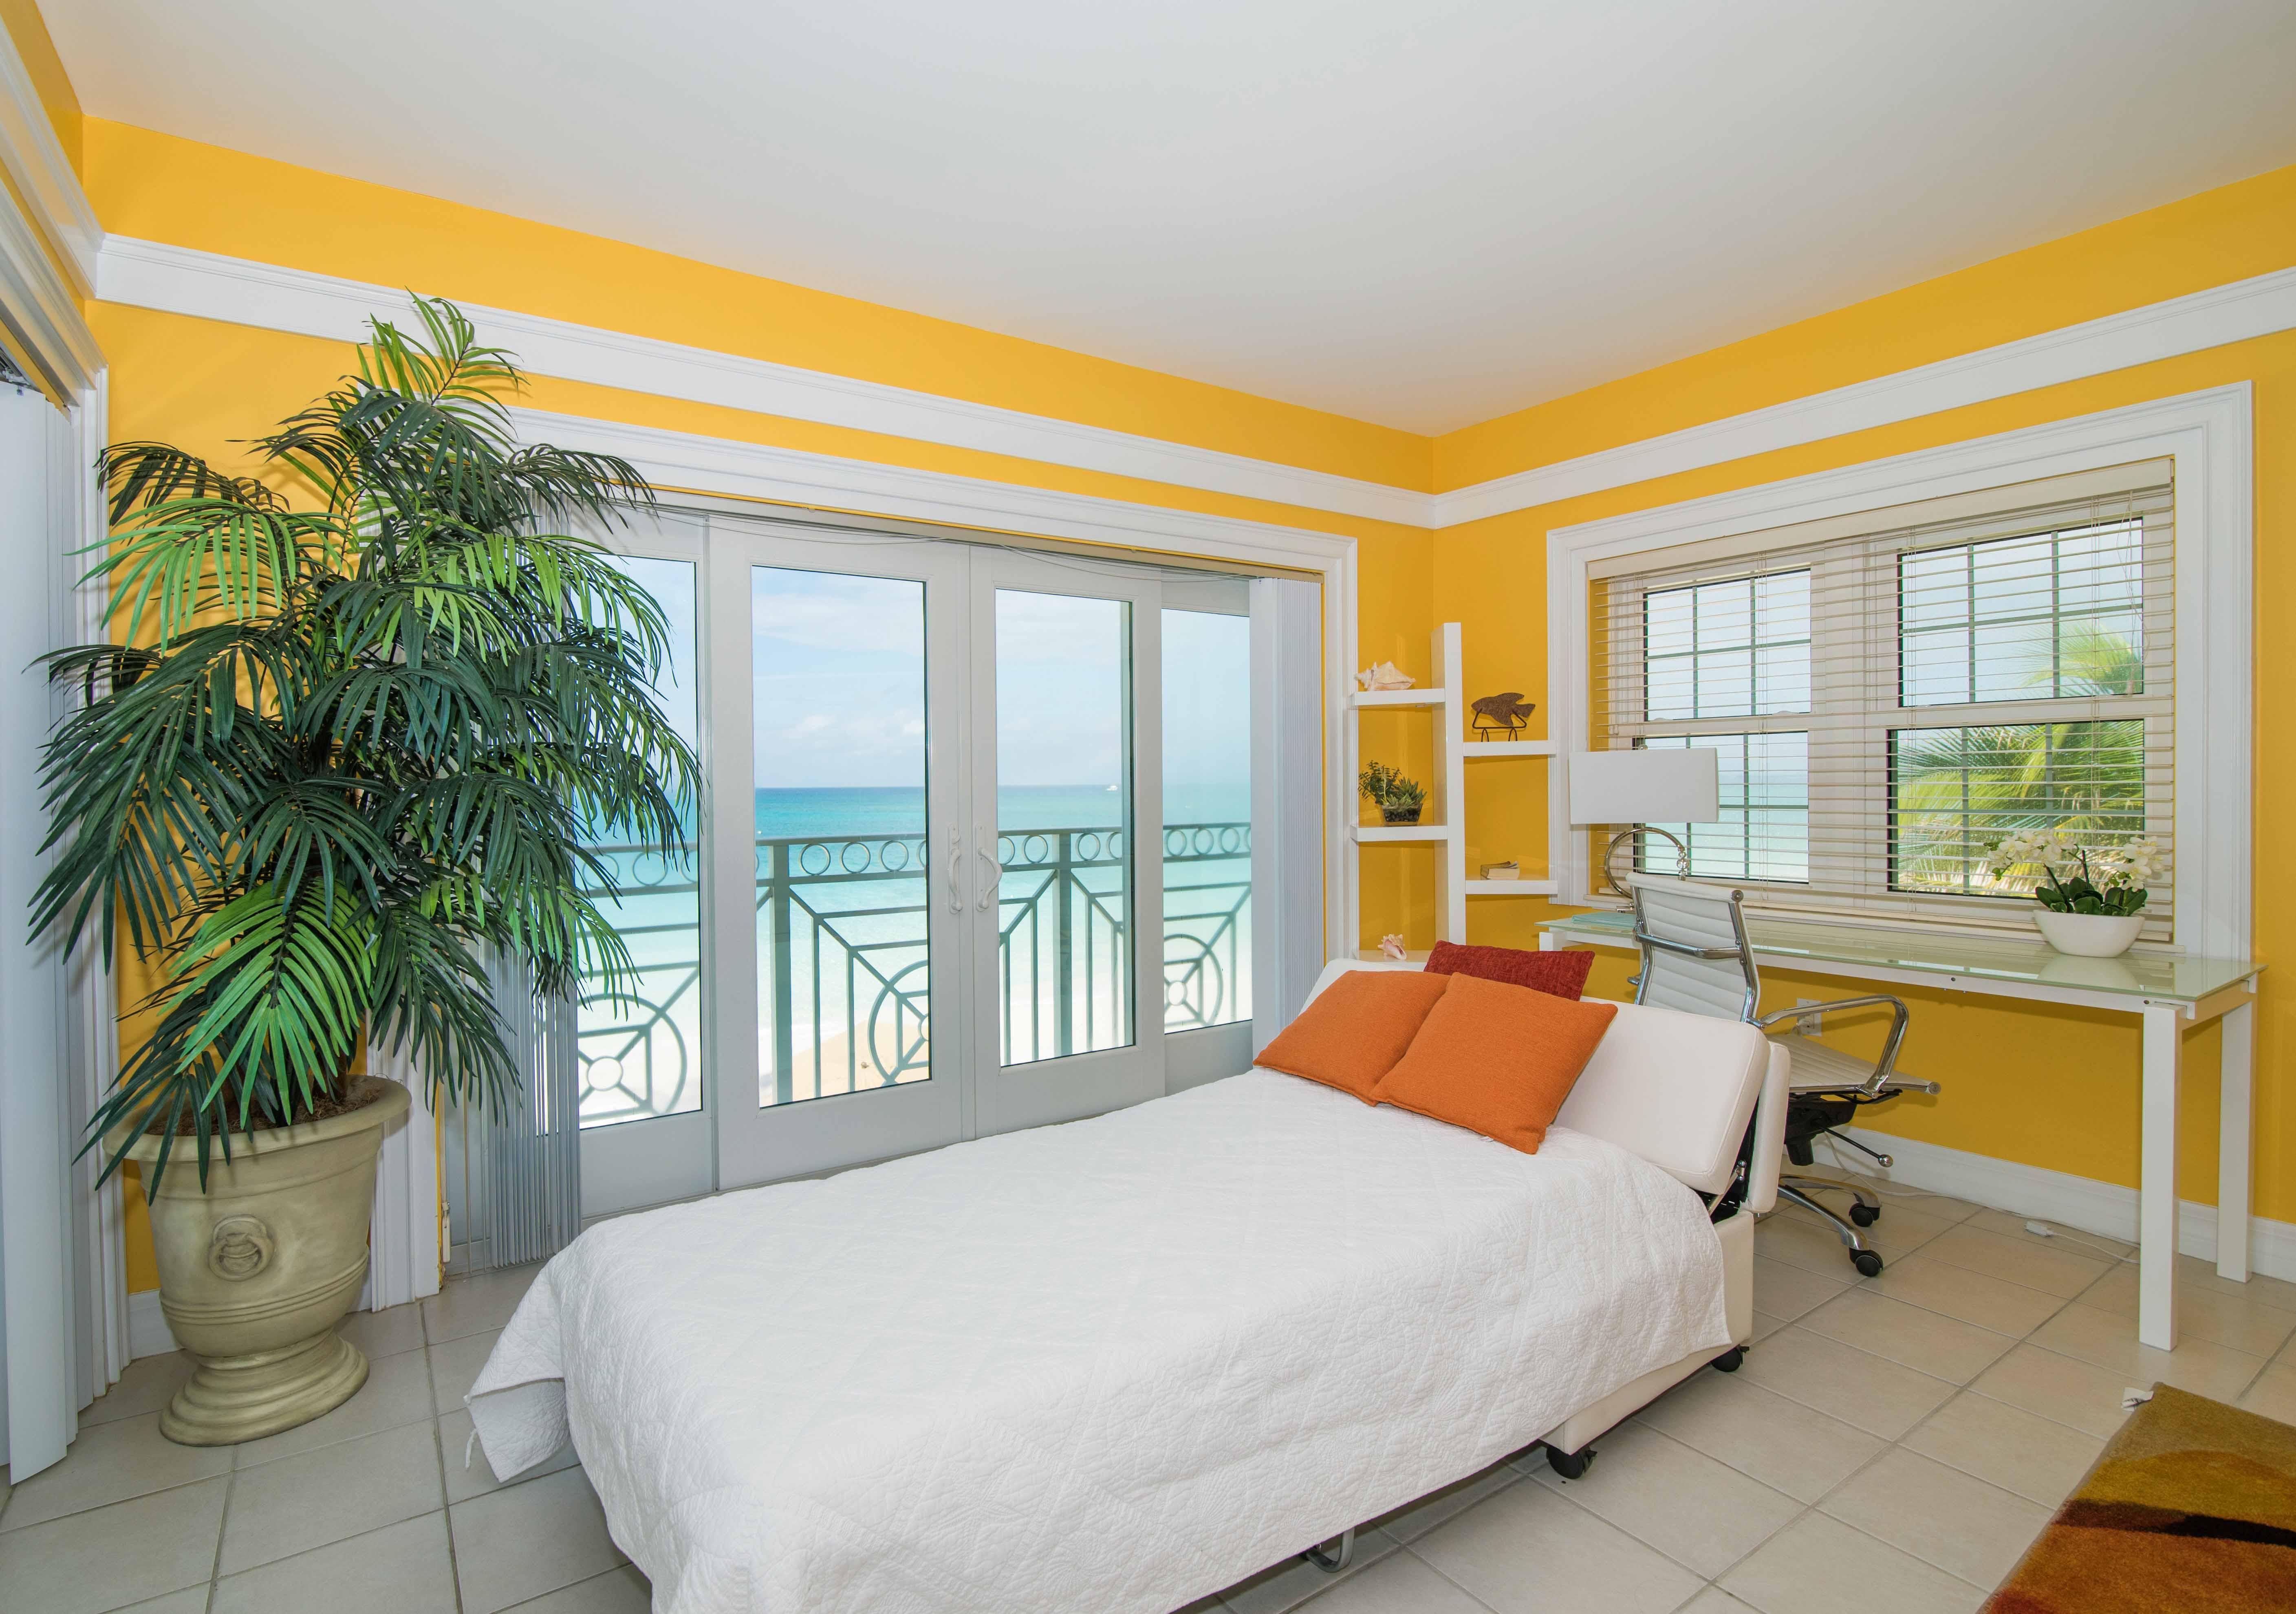 Regal Beach 624 Sleeper Sofa